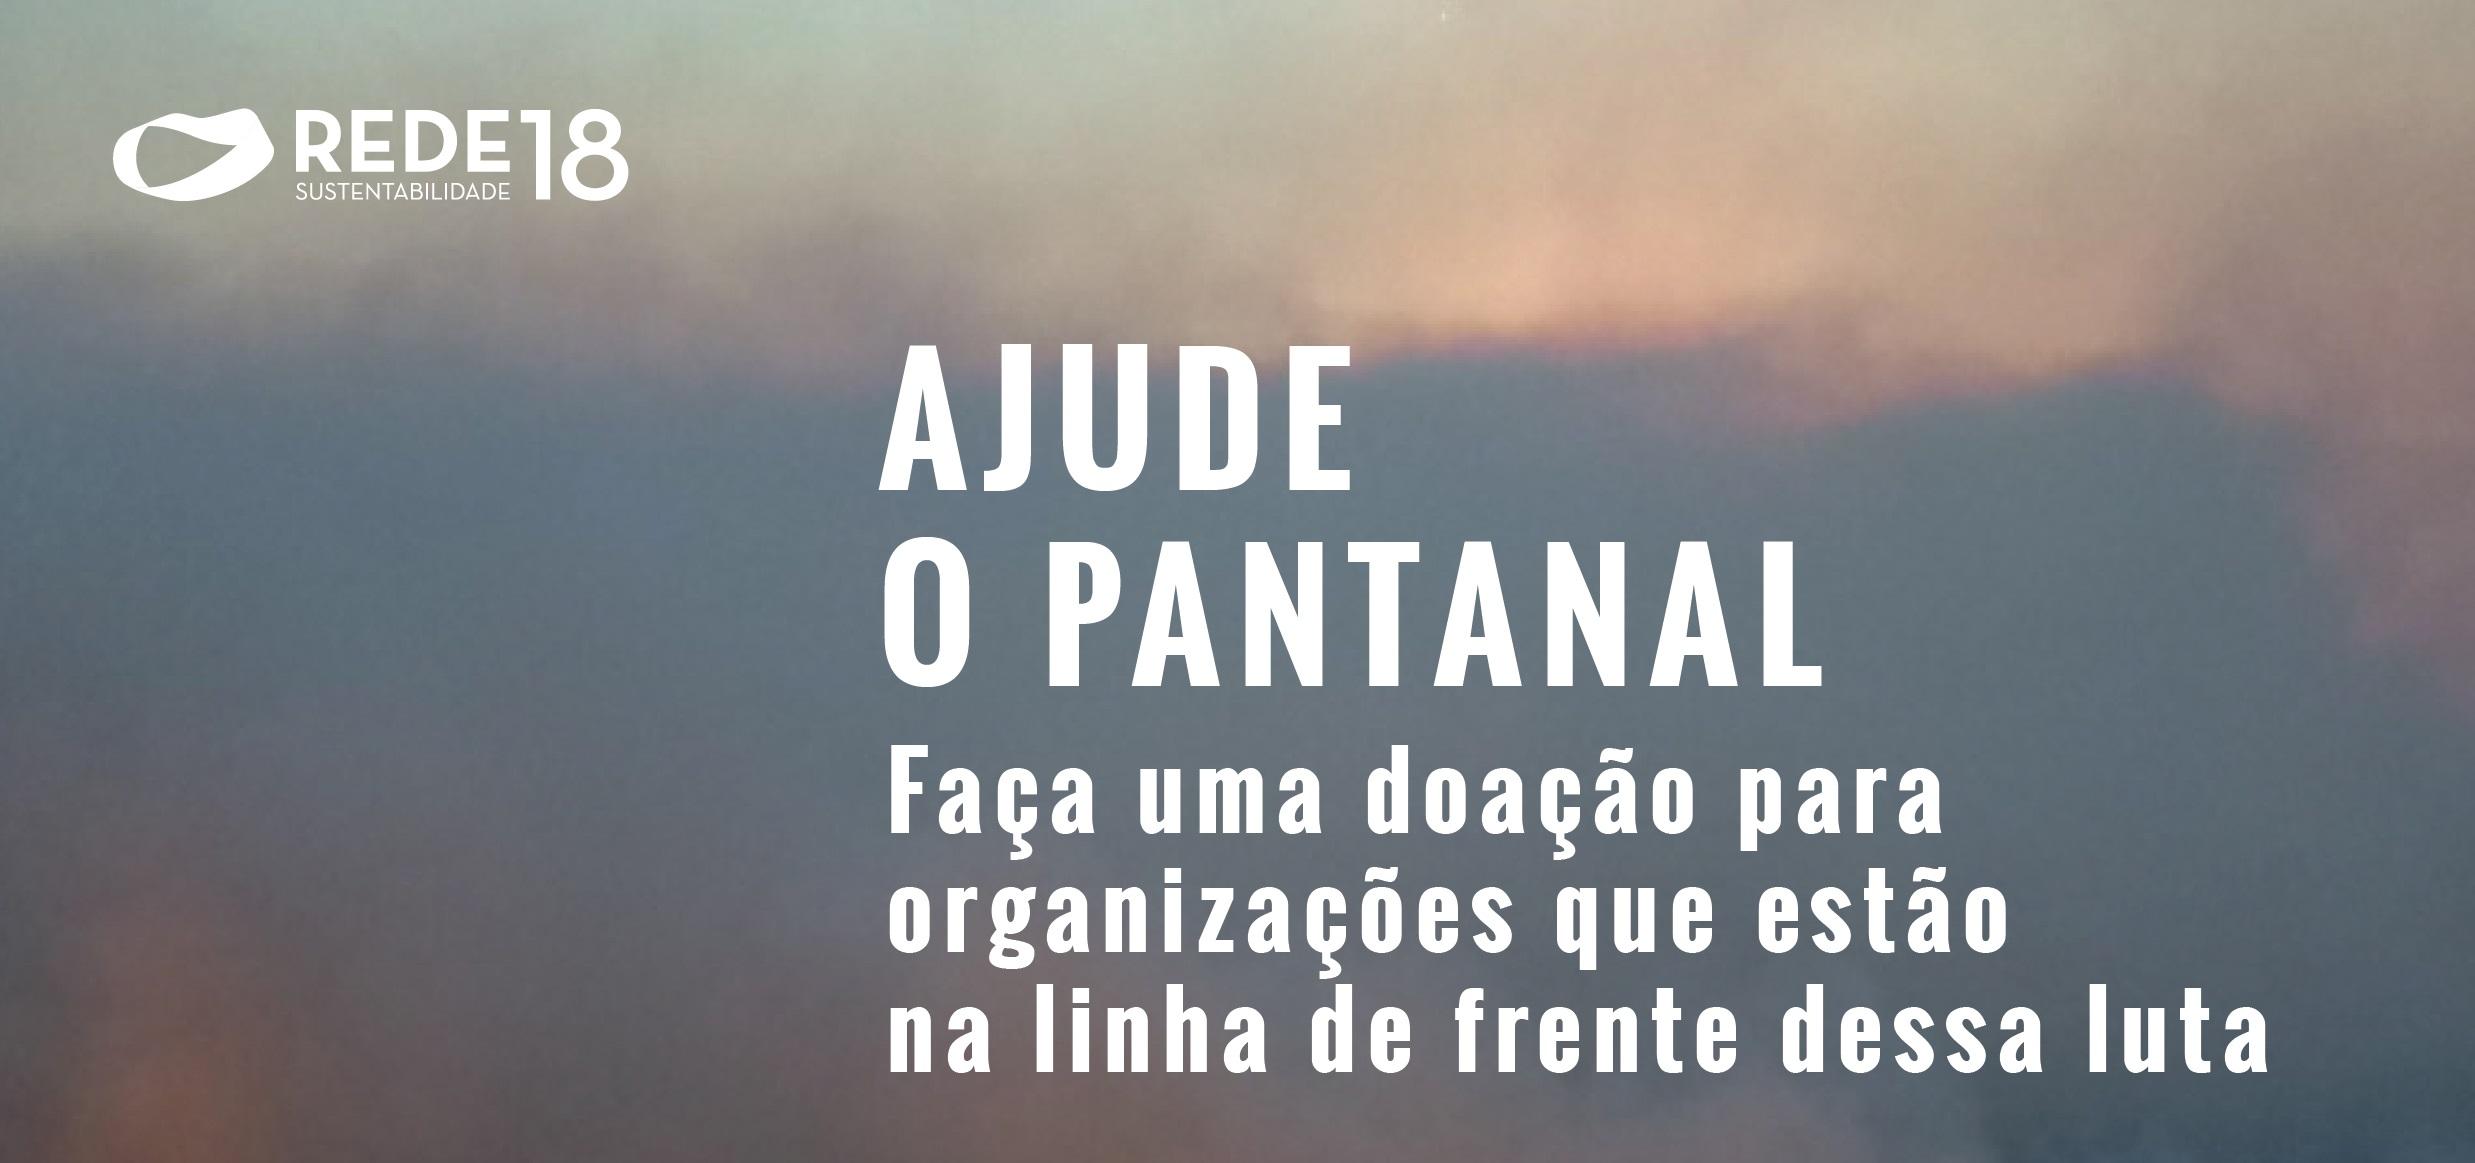 AJUDE O PANTANAL